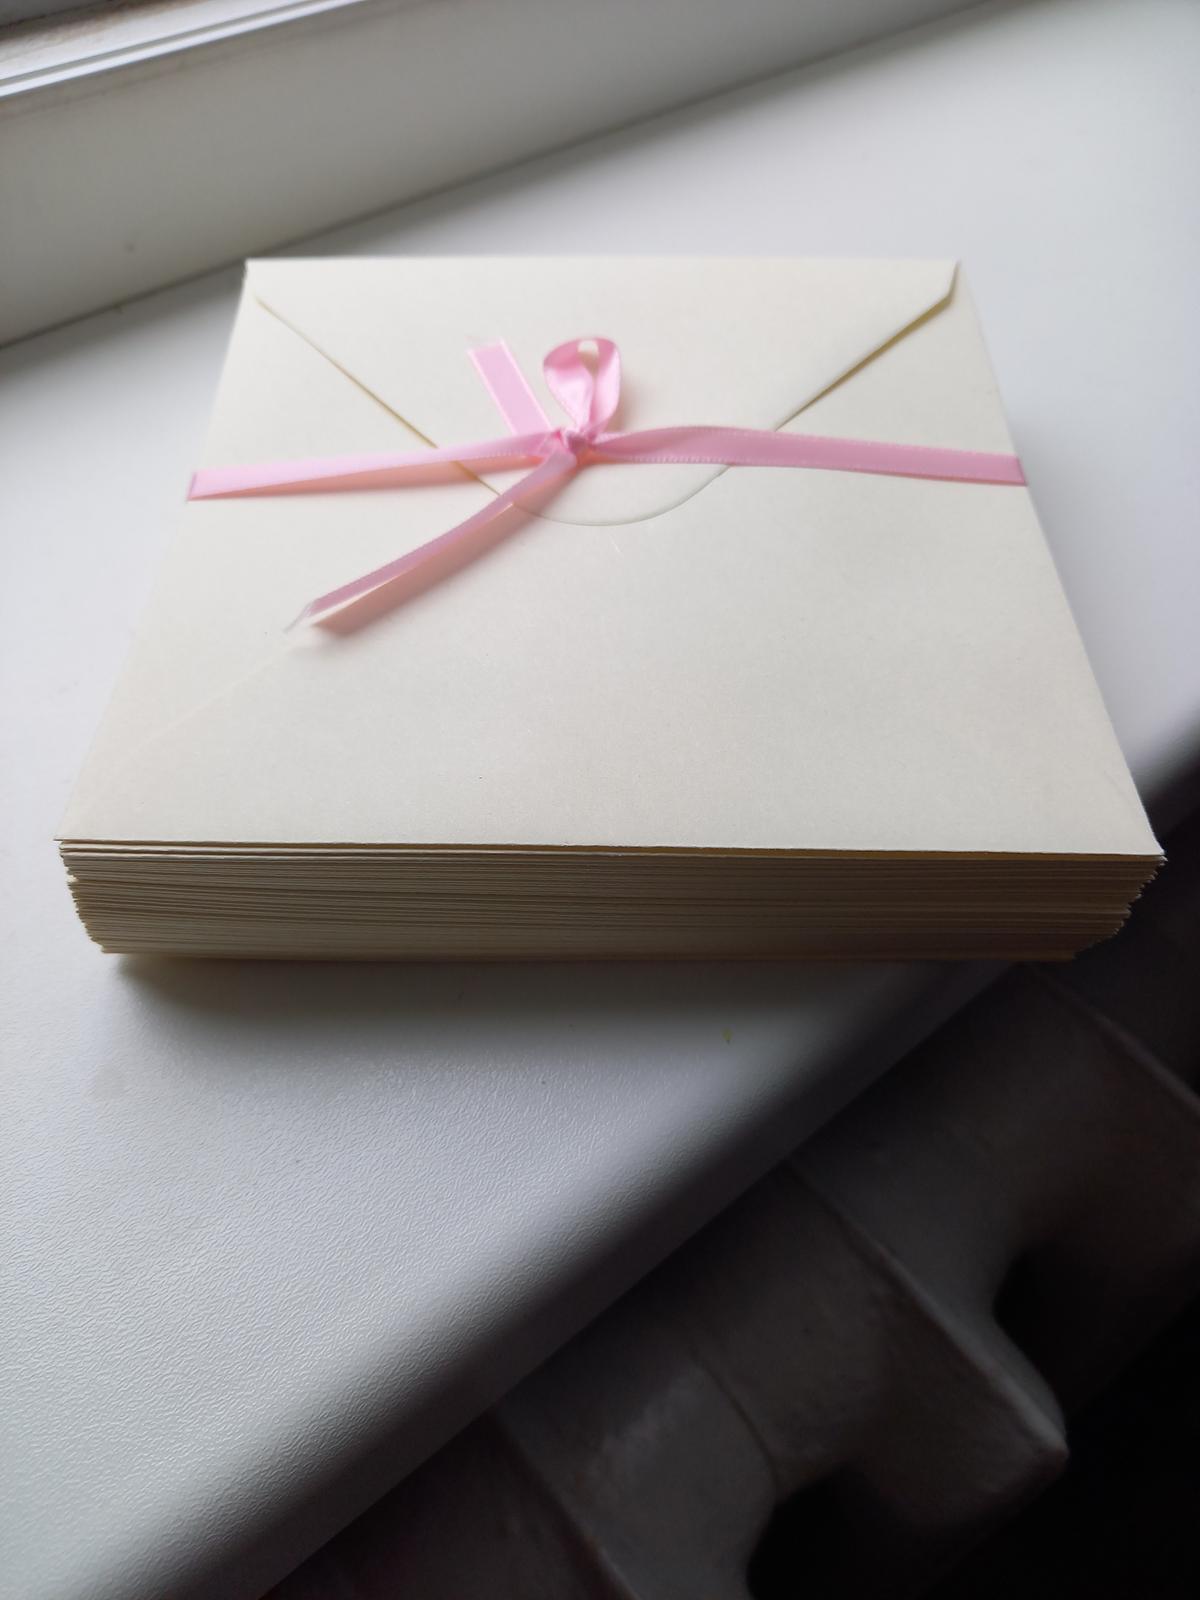 sada na vytvoření svatebnich oznámení - Obrázek č. 1